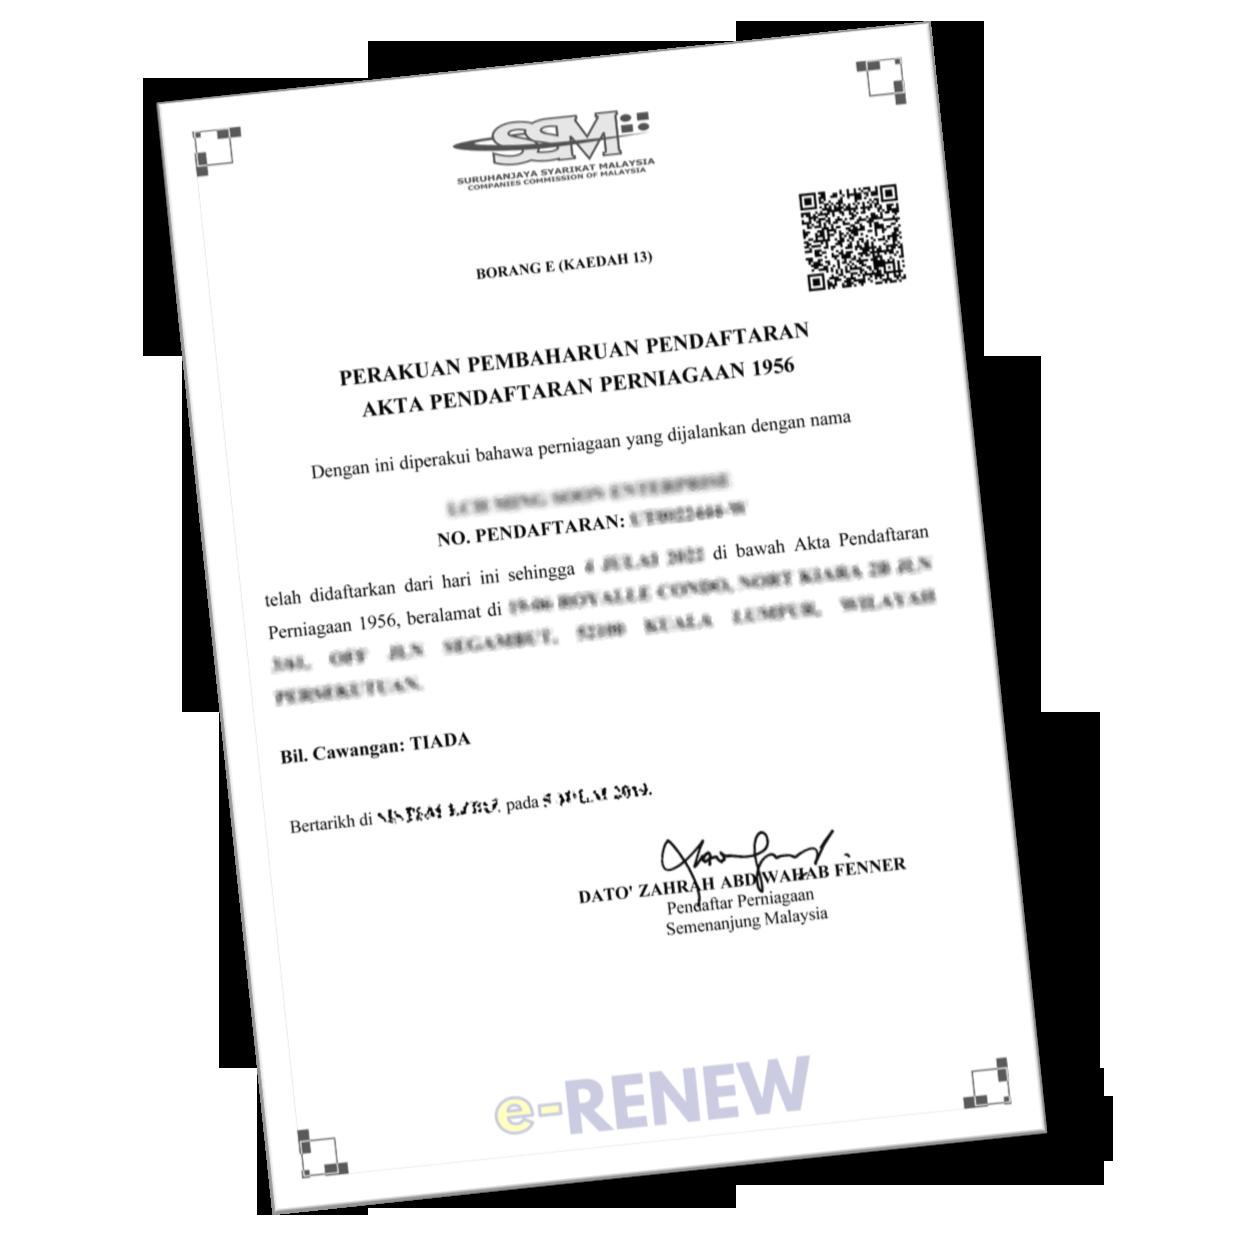 Borang Permohonan Perubahan Butir Butir Borang Jenis Perubahan Maklumat Dokumen Sokongan Ii Pertukaran Nama Syarikat Nombor Ssm Berubah Nama Lama Nama Baru Pdf Document